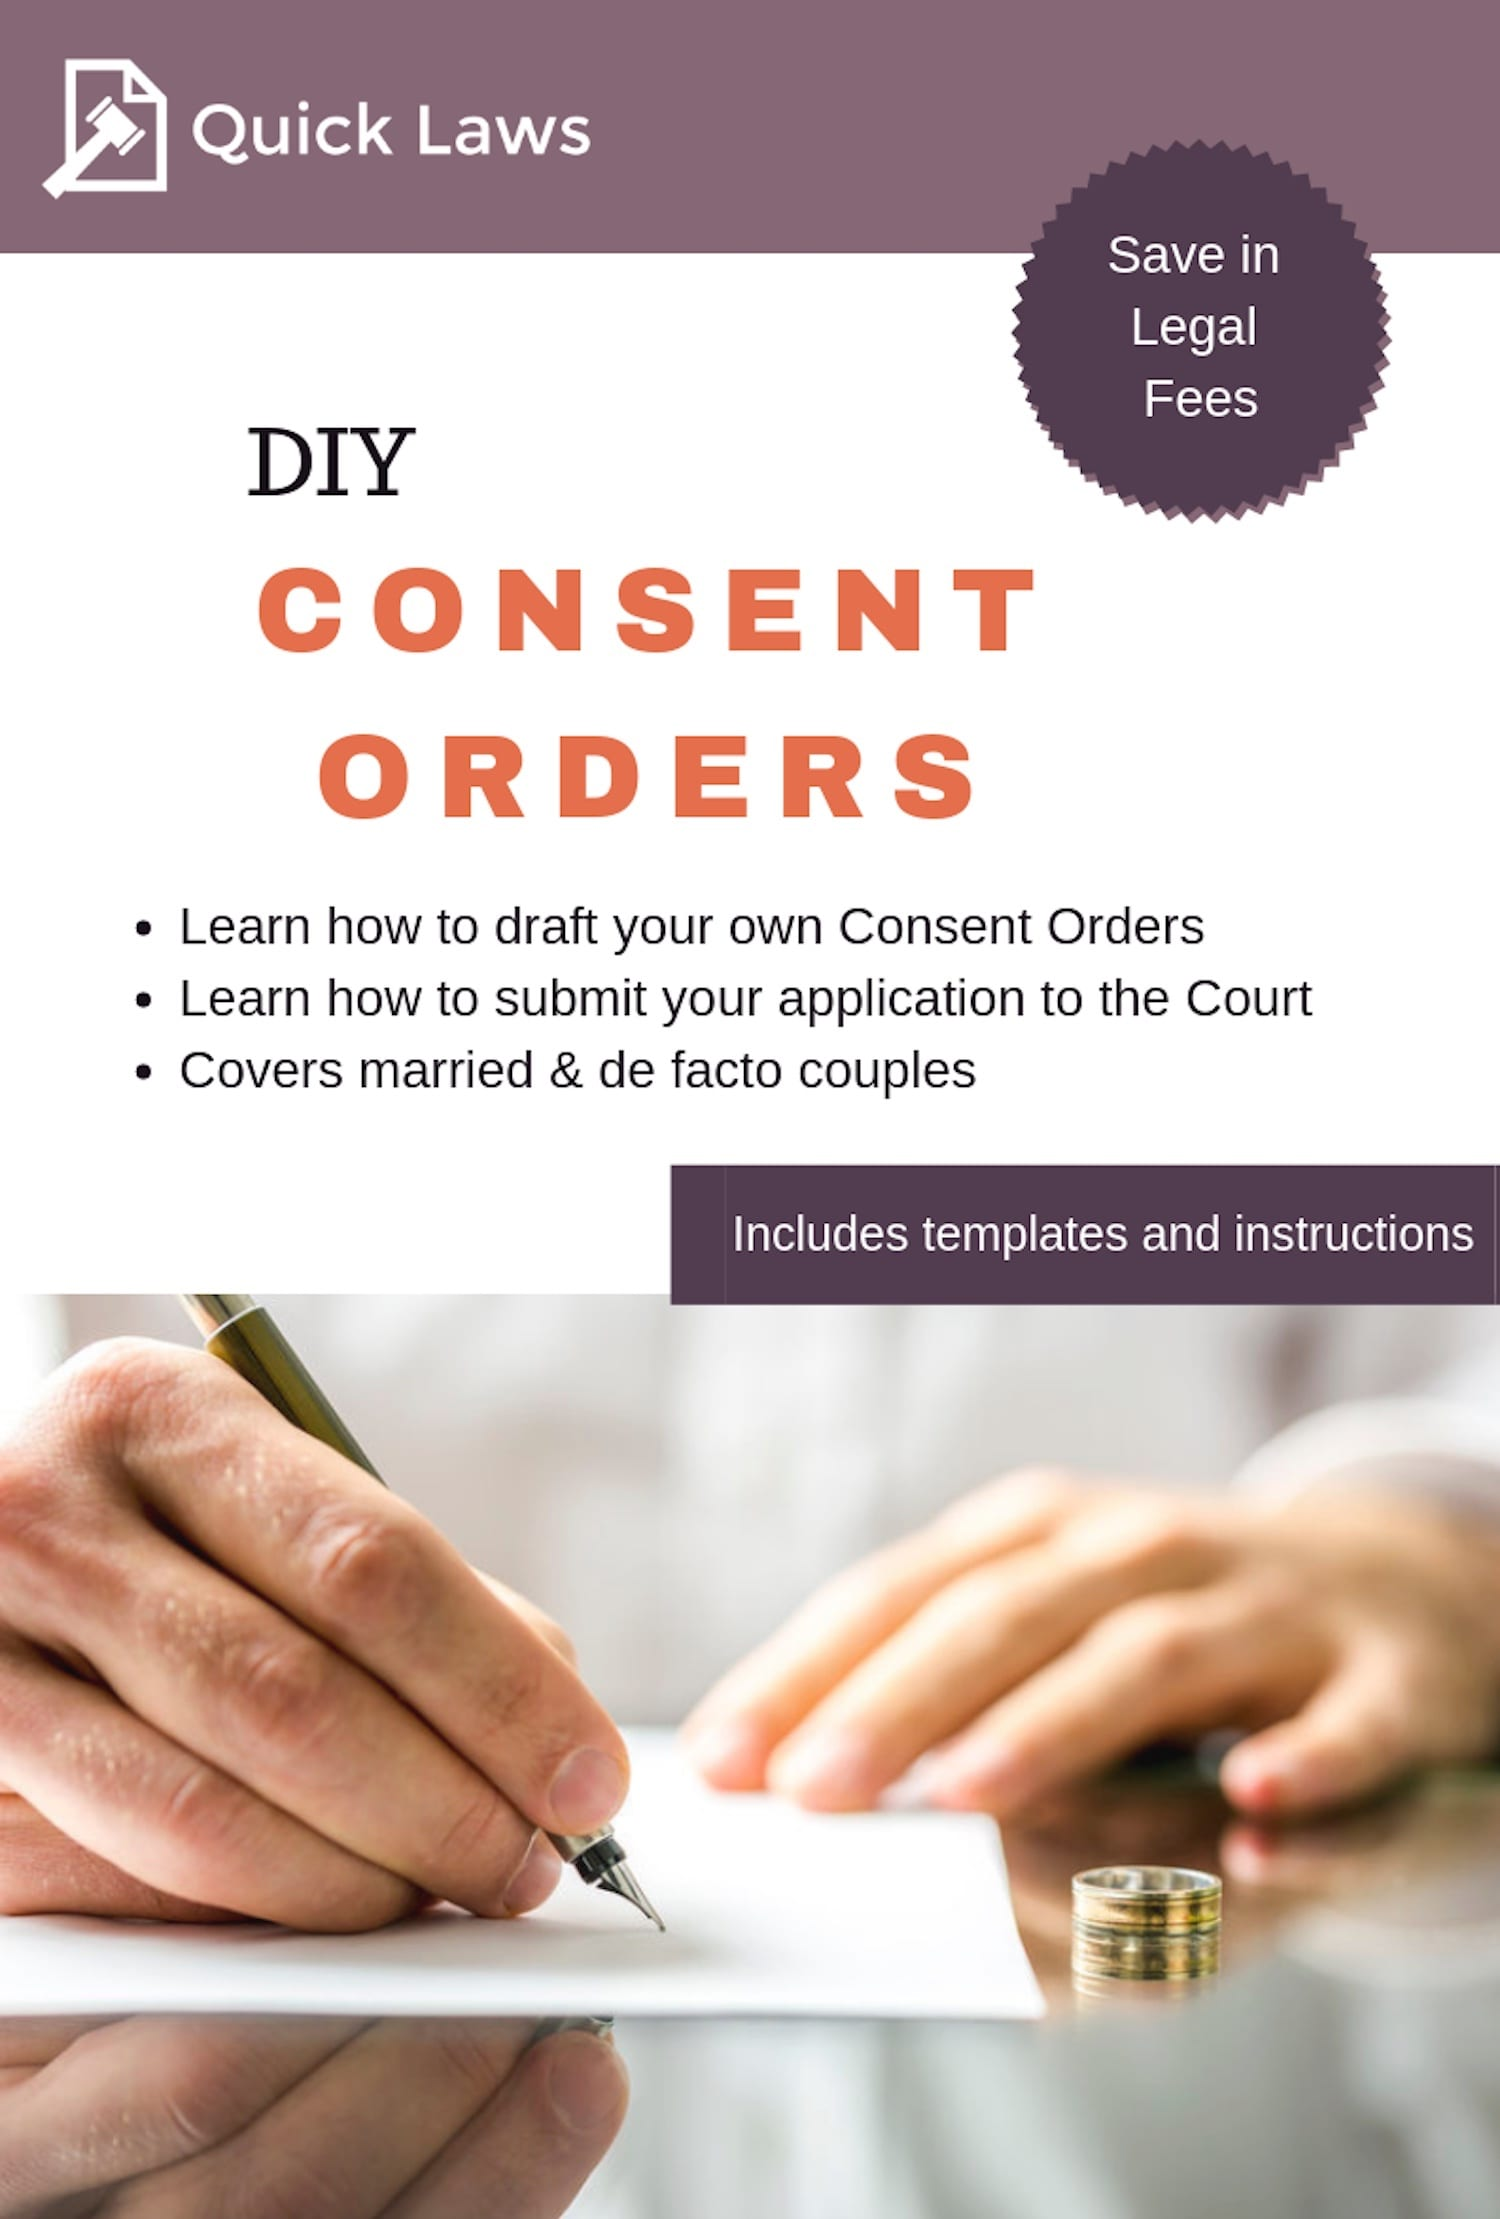 Conscent